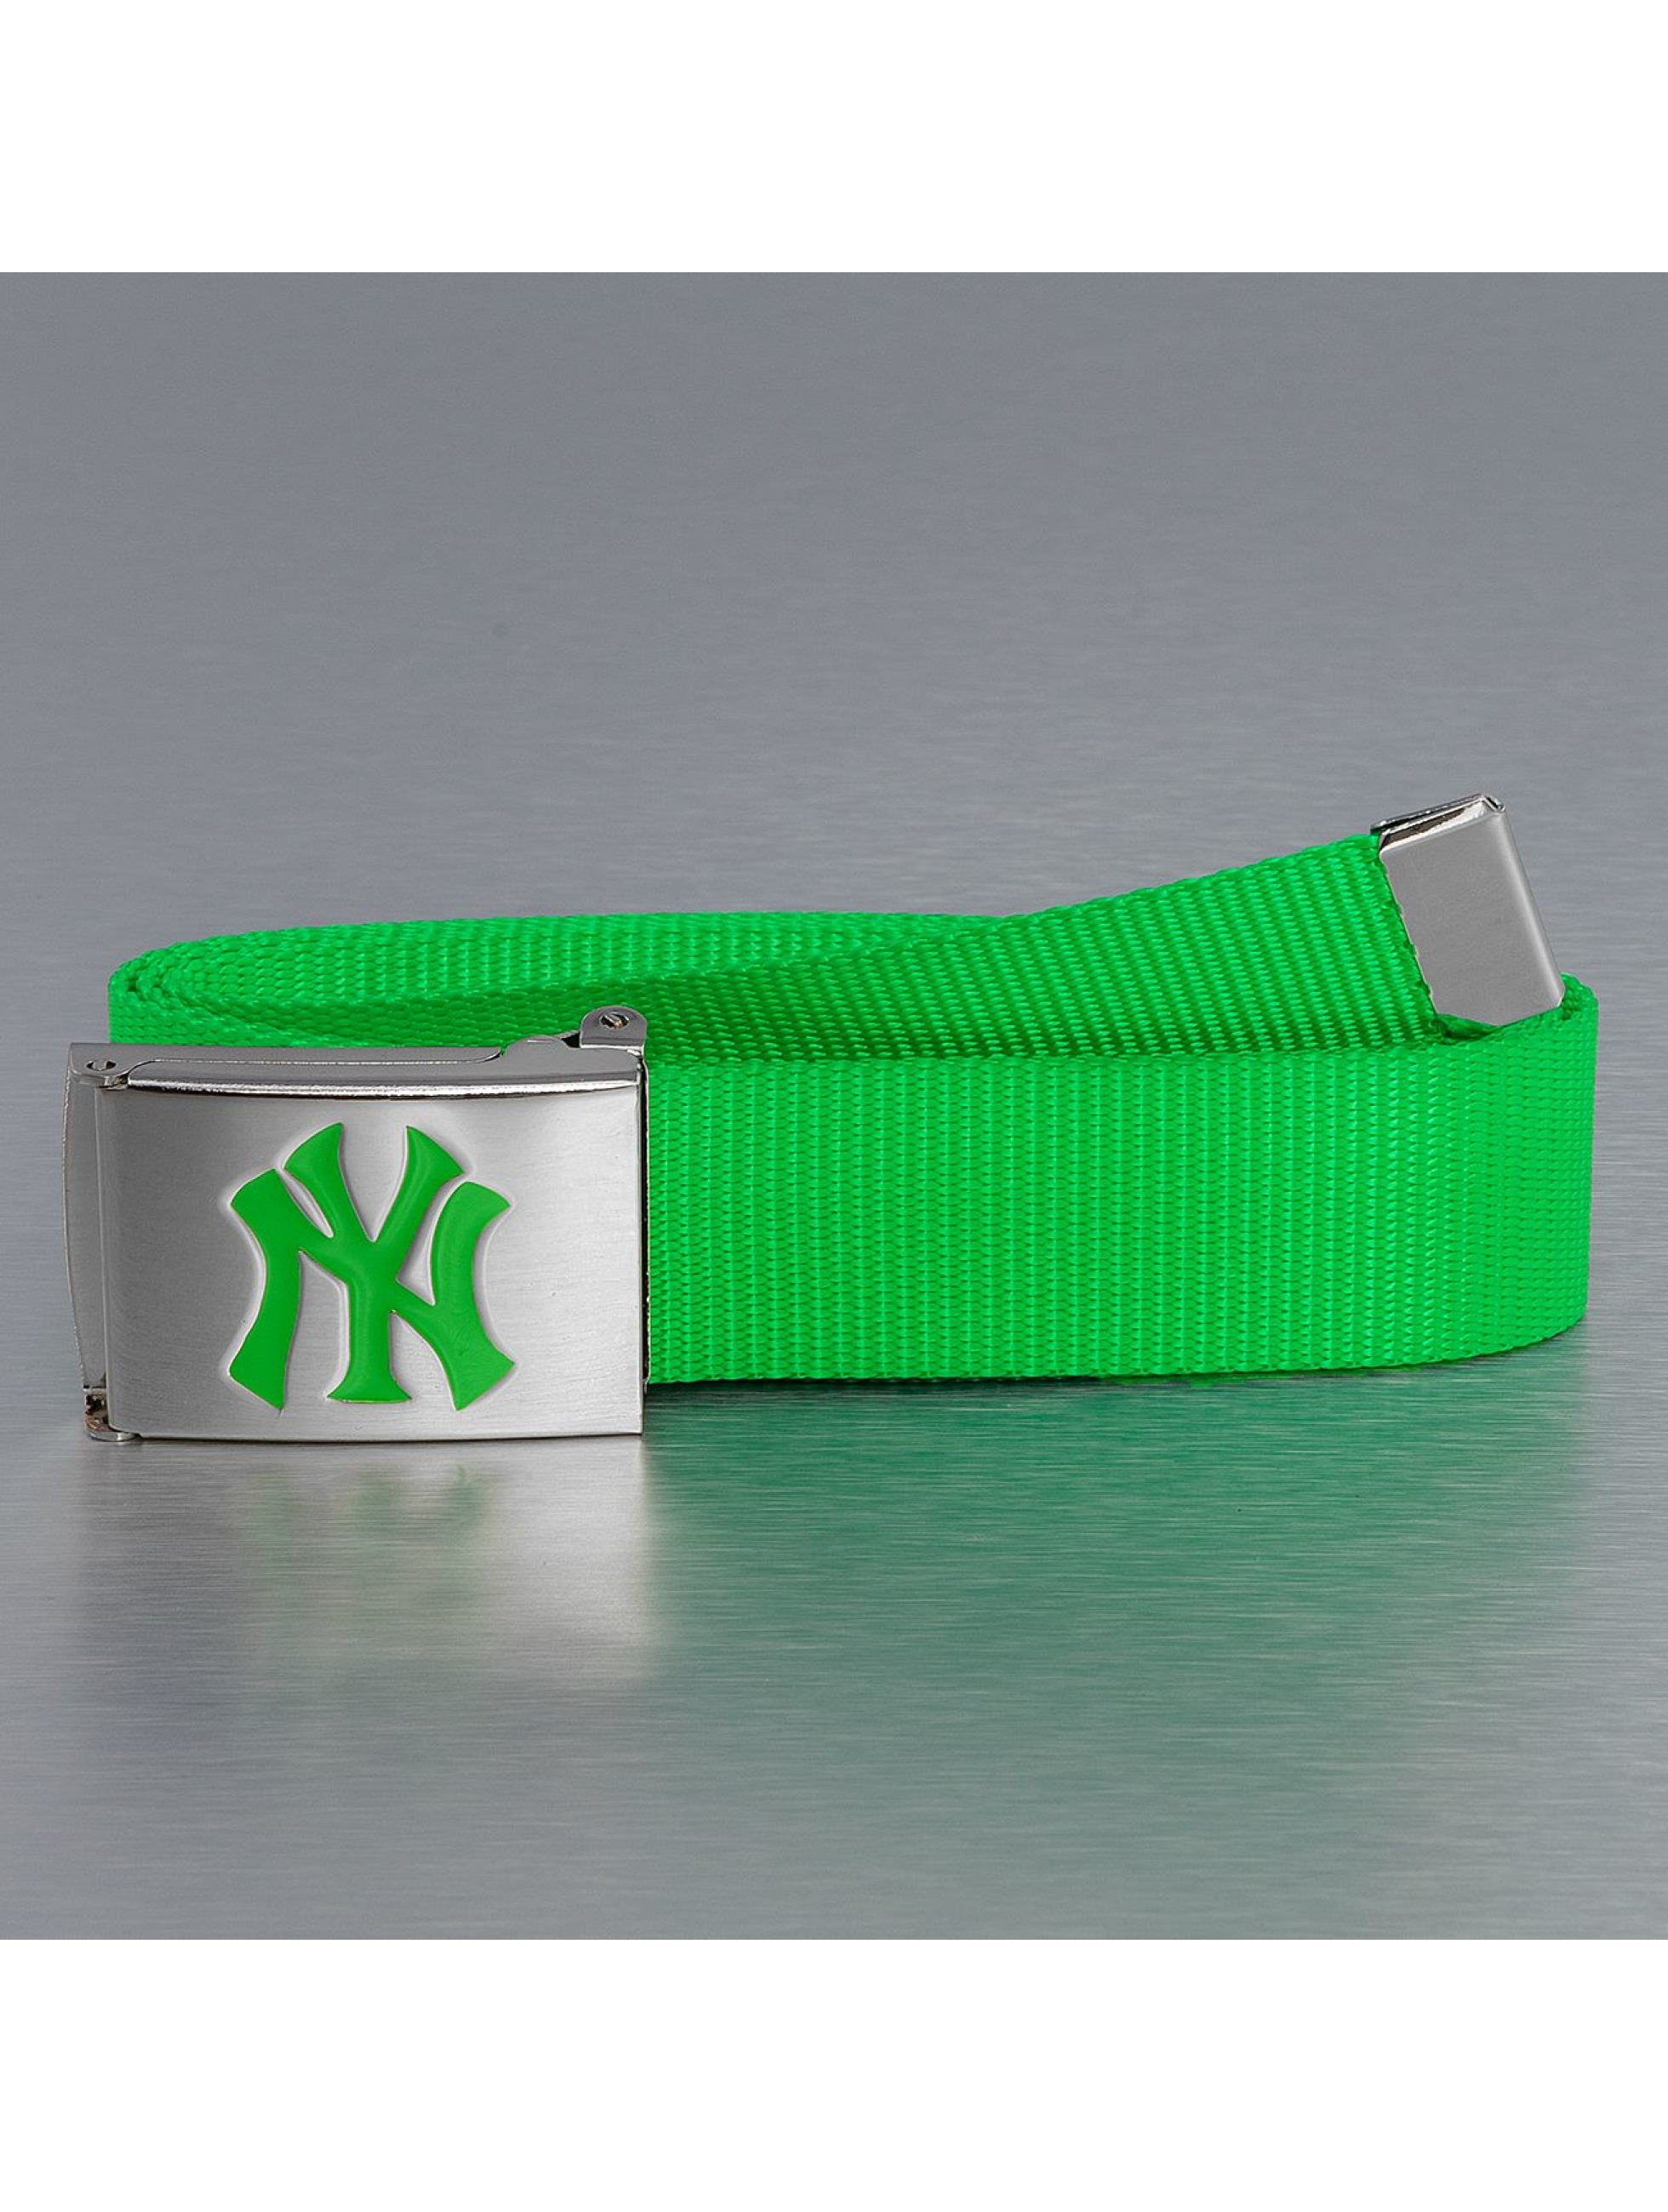 MLB Männer,Frauen Gürtel MLB NY Yankees Premium Woven in grün